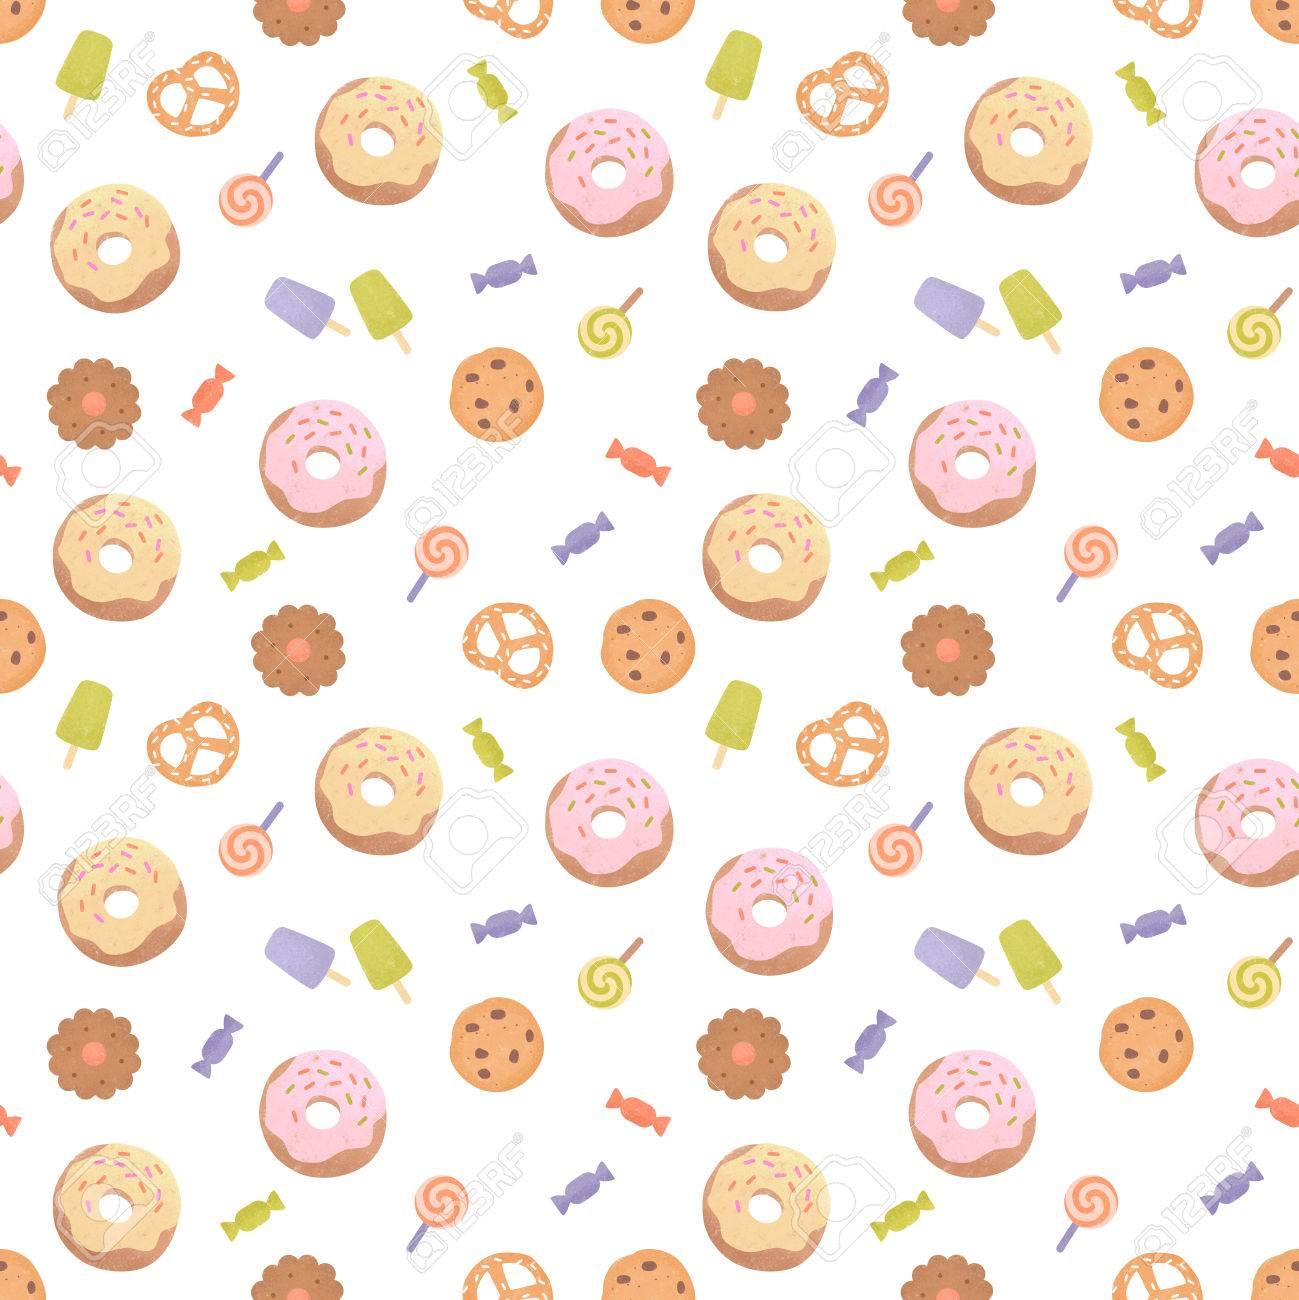 様々 なお菓子とのシームレスなパターン お菓子 ドーナツ クッキーでかわいいカラフルな背景 イラスト絵画 の写真素材 画像素材 Image